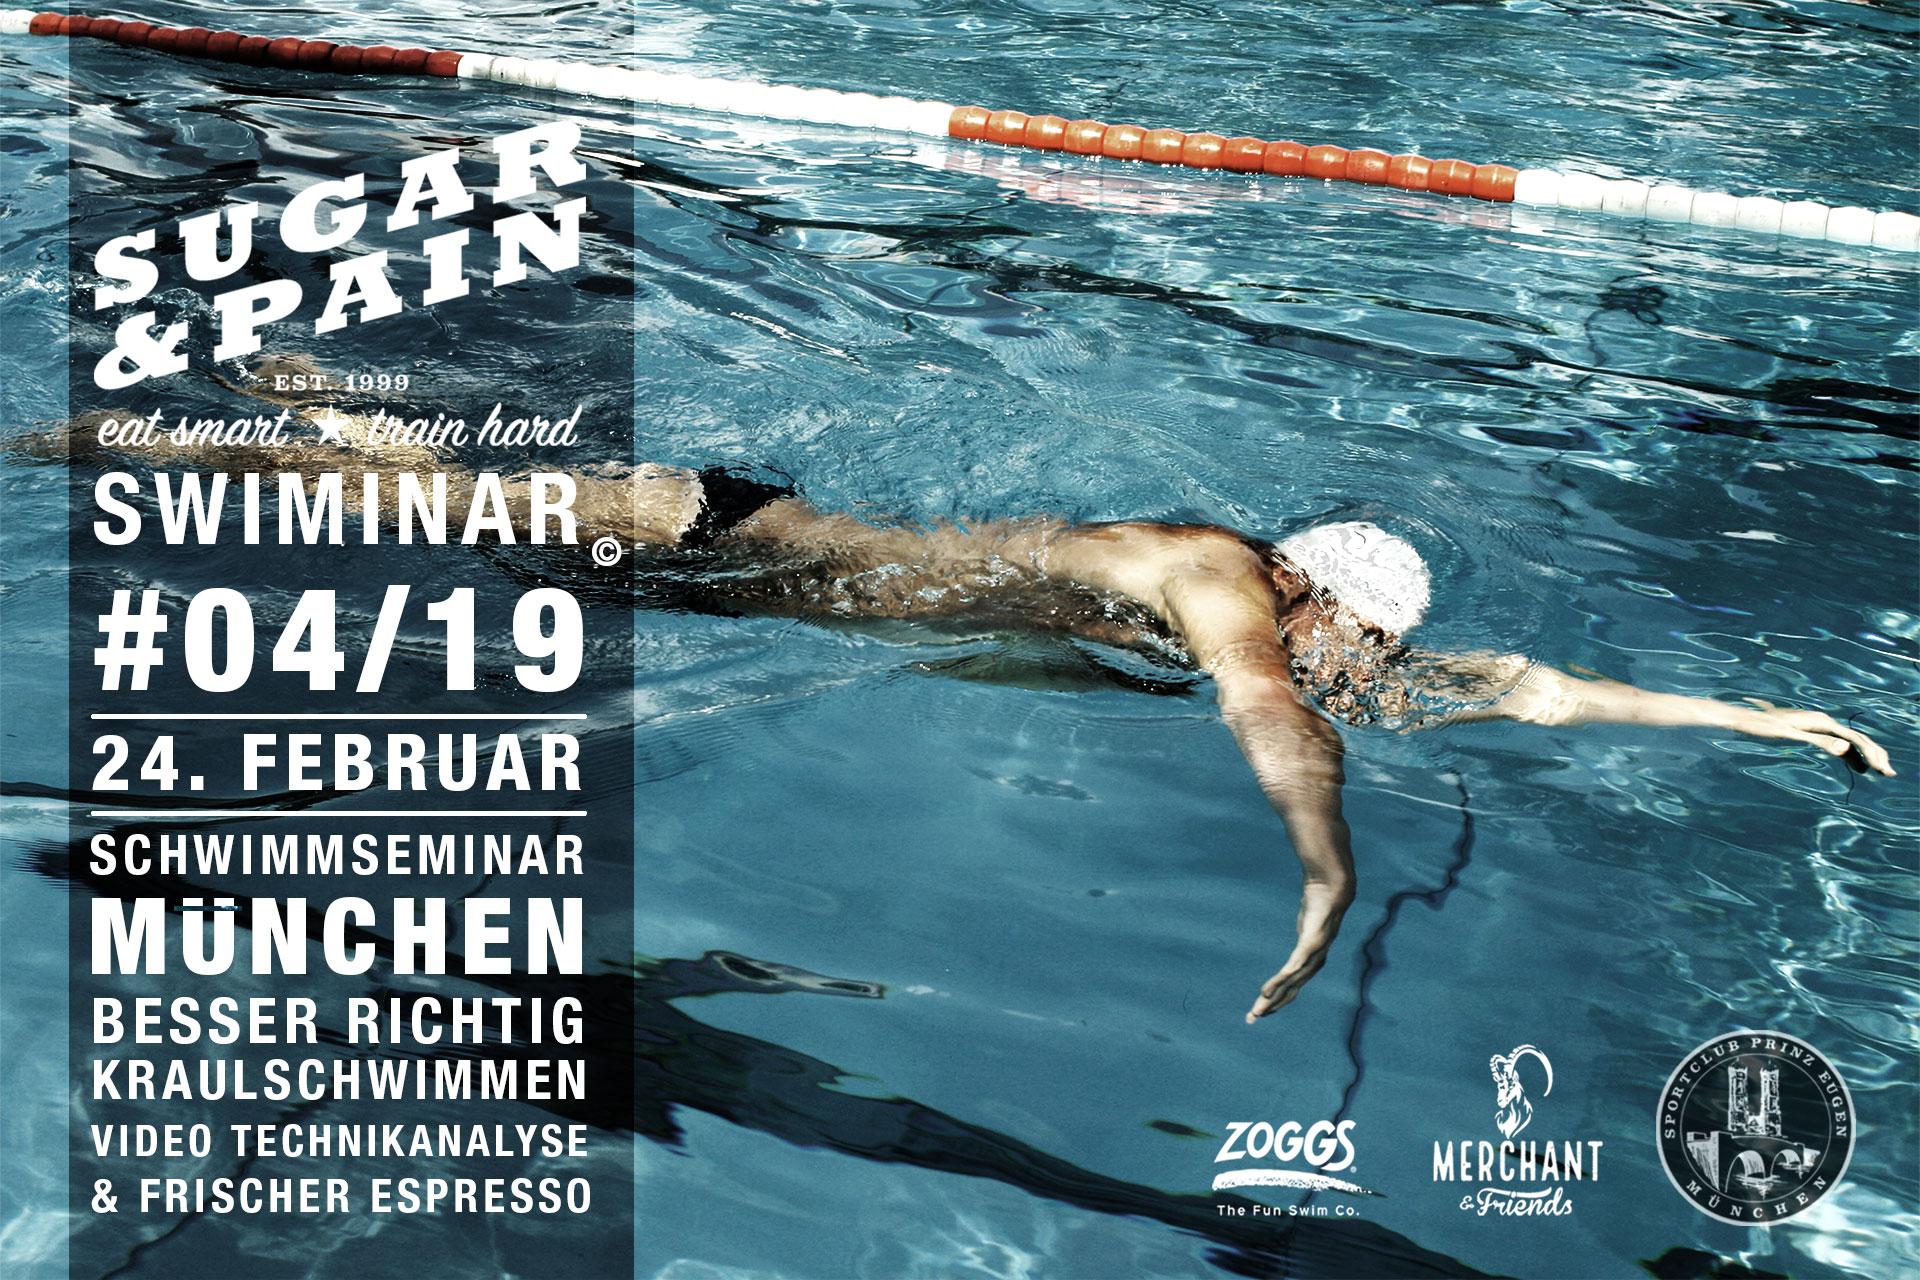 SUGAR & PAIN SWIMINAR #04/19 Starter – Das Schwimmseminar mit Videoanalyse für richtige Kraultechnik - Flyer